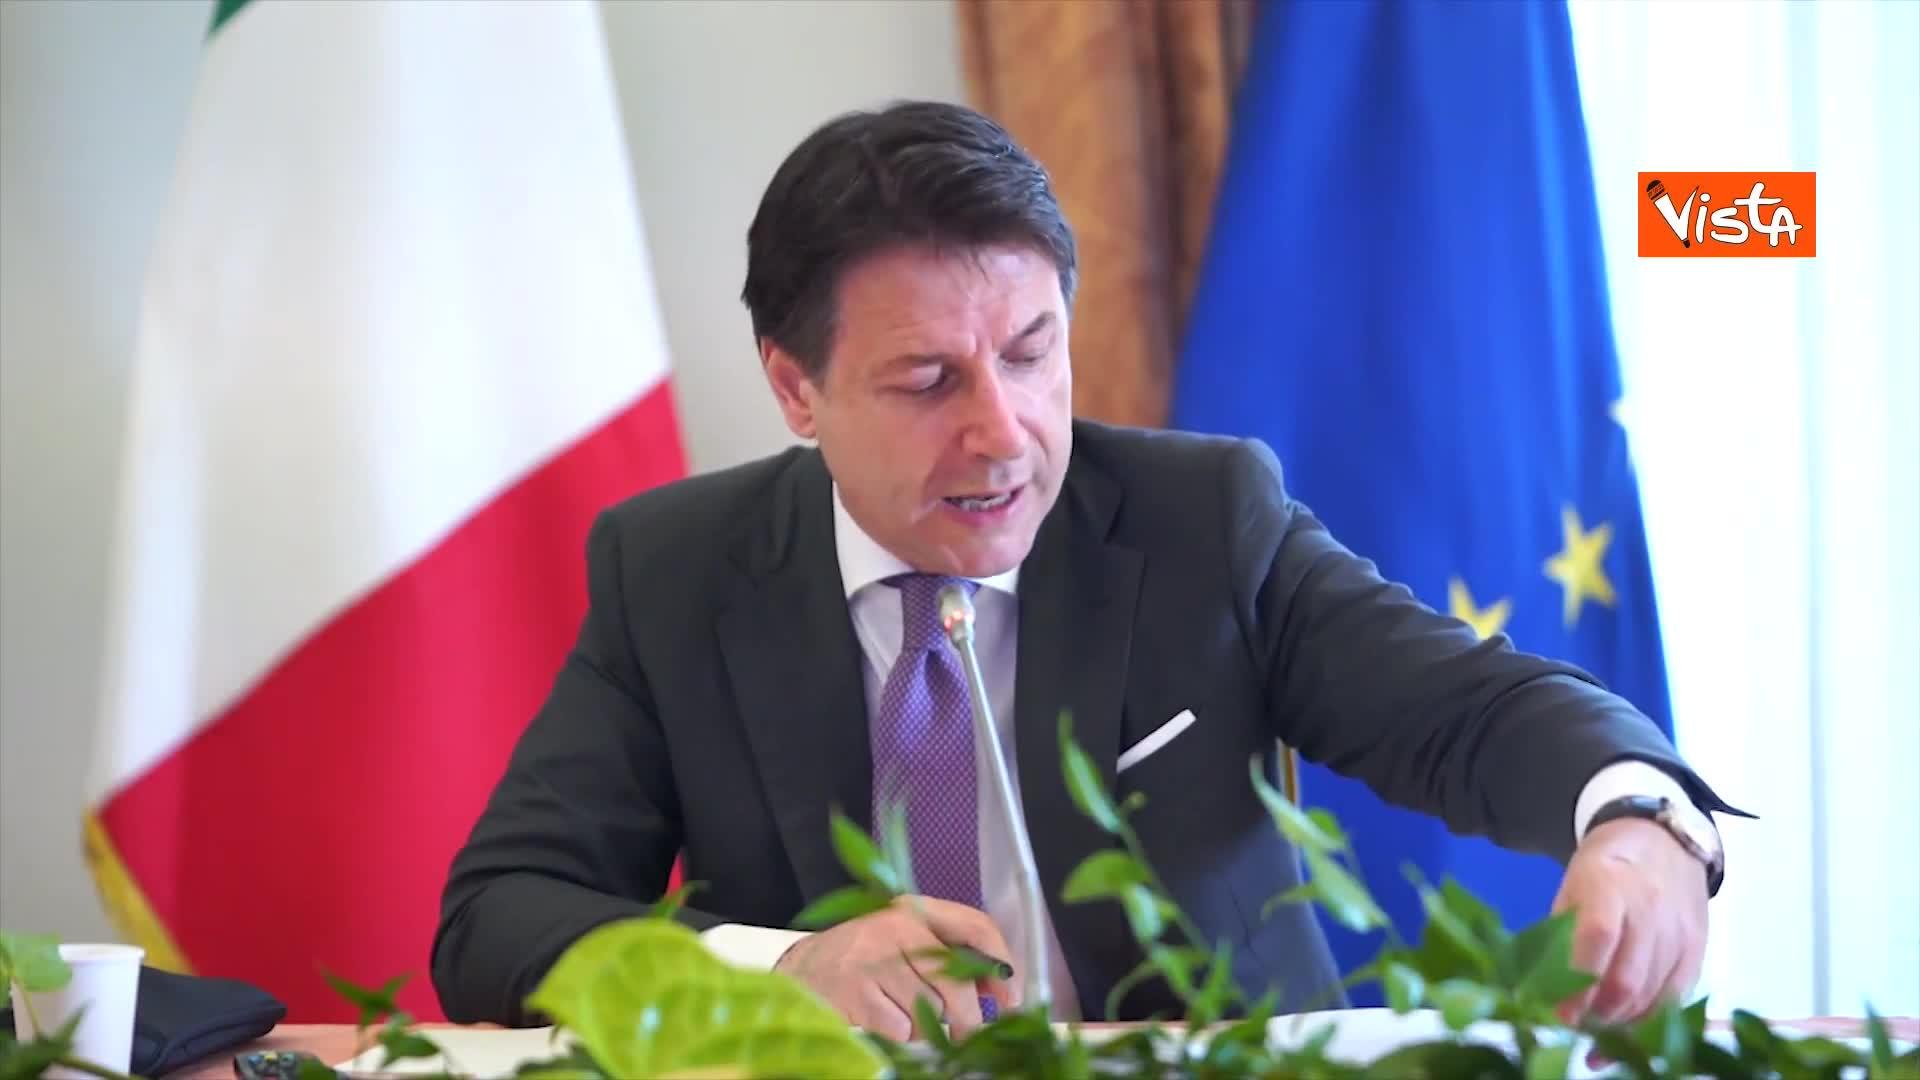 """Conte apre gli Stati Generali: """"Investire nella bellezza dell'Italia"""""""